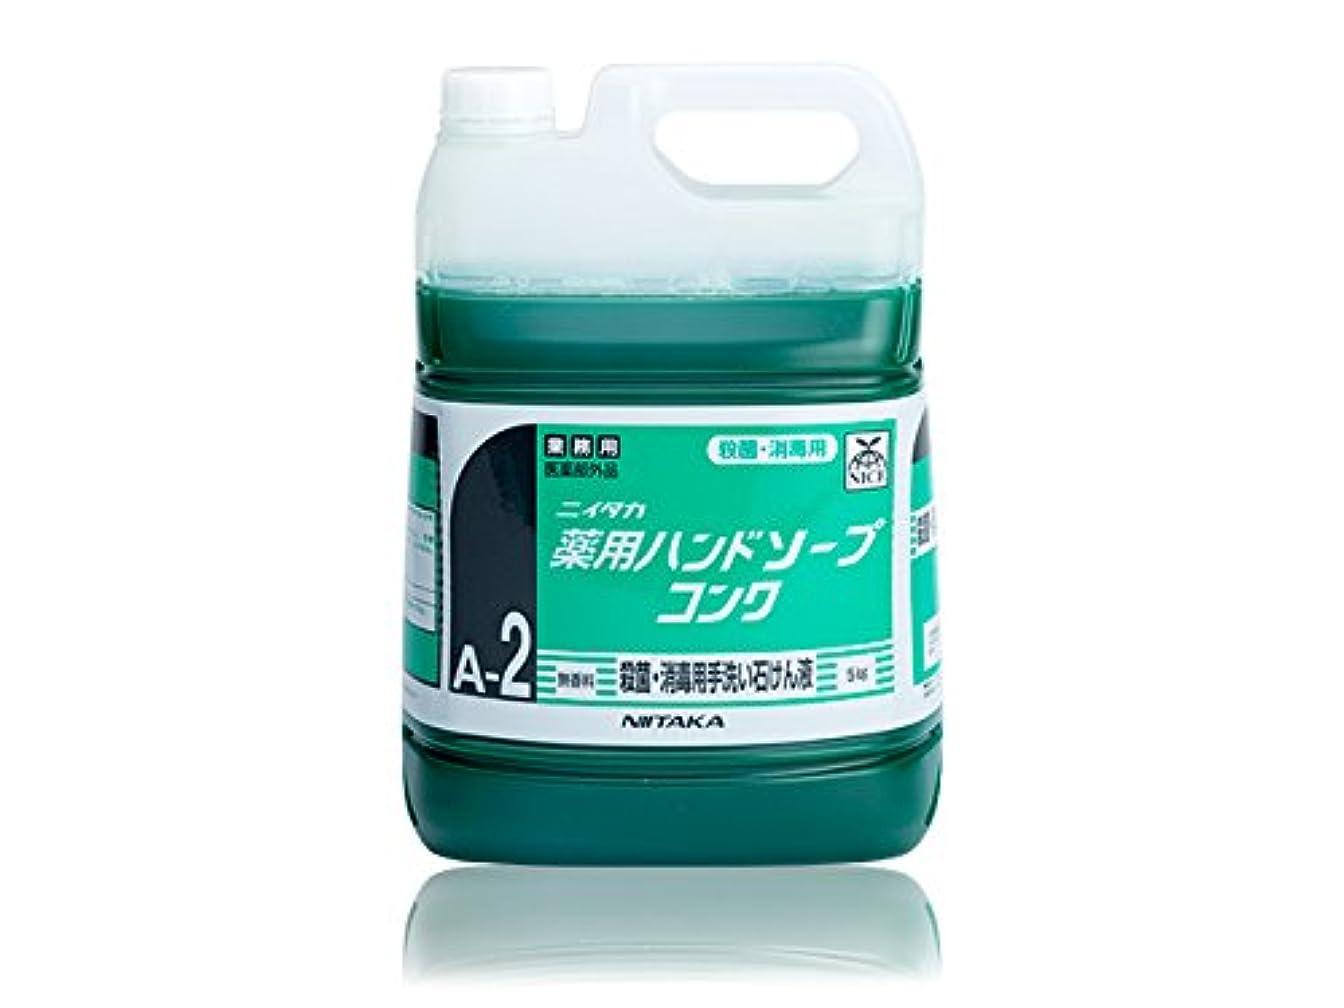 無香料 殺菌?消毒用手洗い石けん液 ニイタカ 薬用ハンドソープコンク 5KX3本